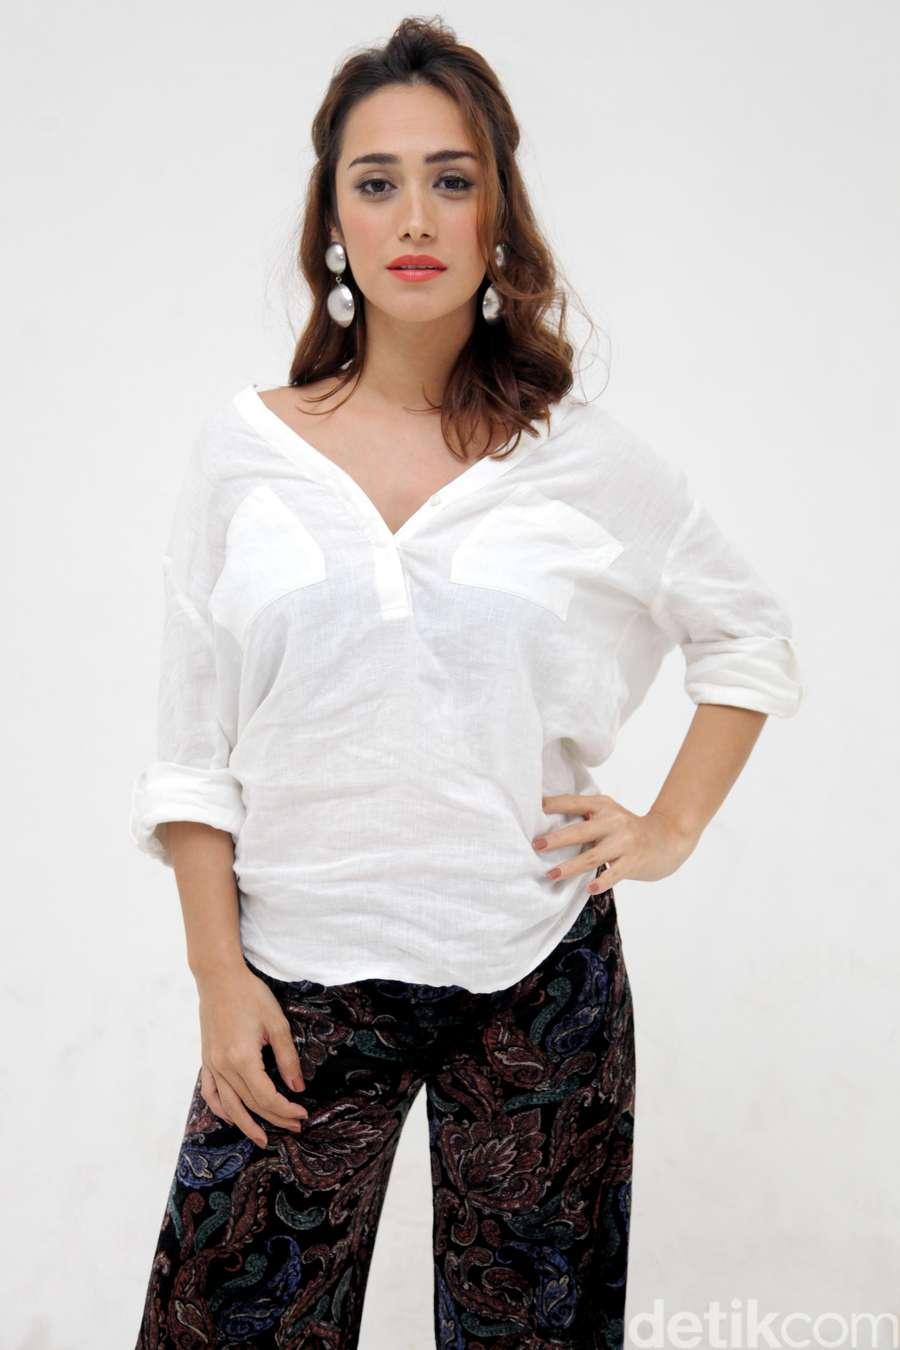 Alexandara Gottardo Jadi PSK di Film Terbaru